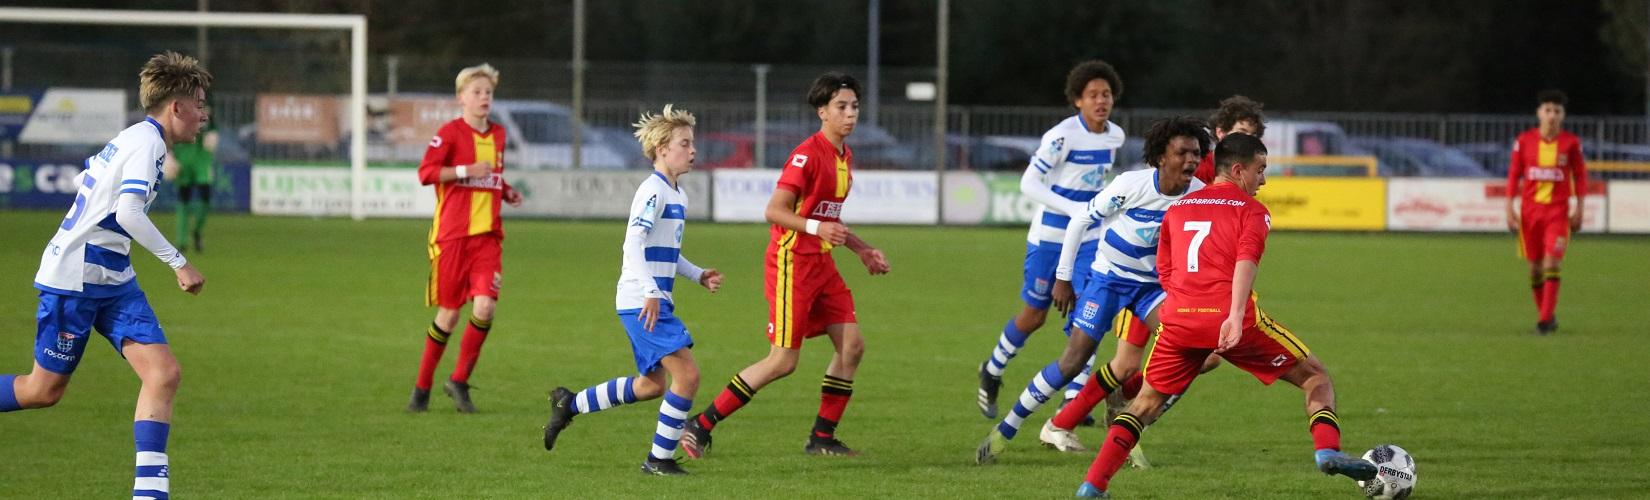 Go Ahead Eagles O15 Pec Zwolle O15 (12) Header